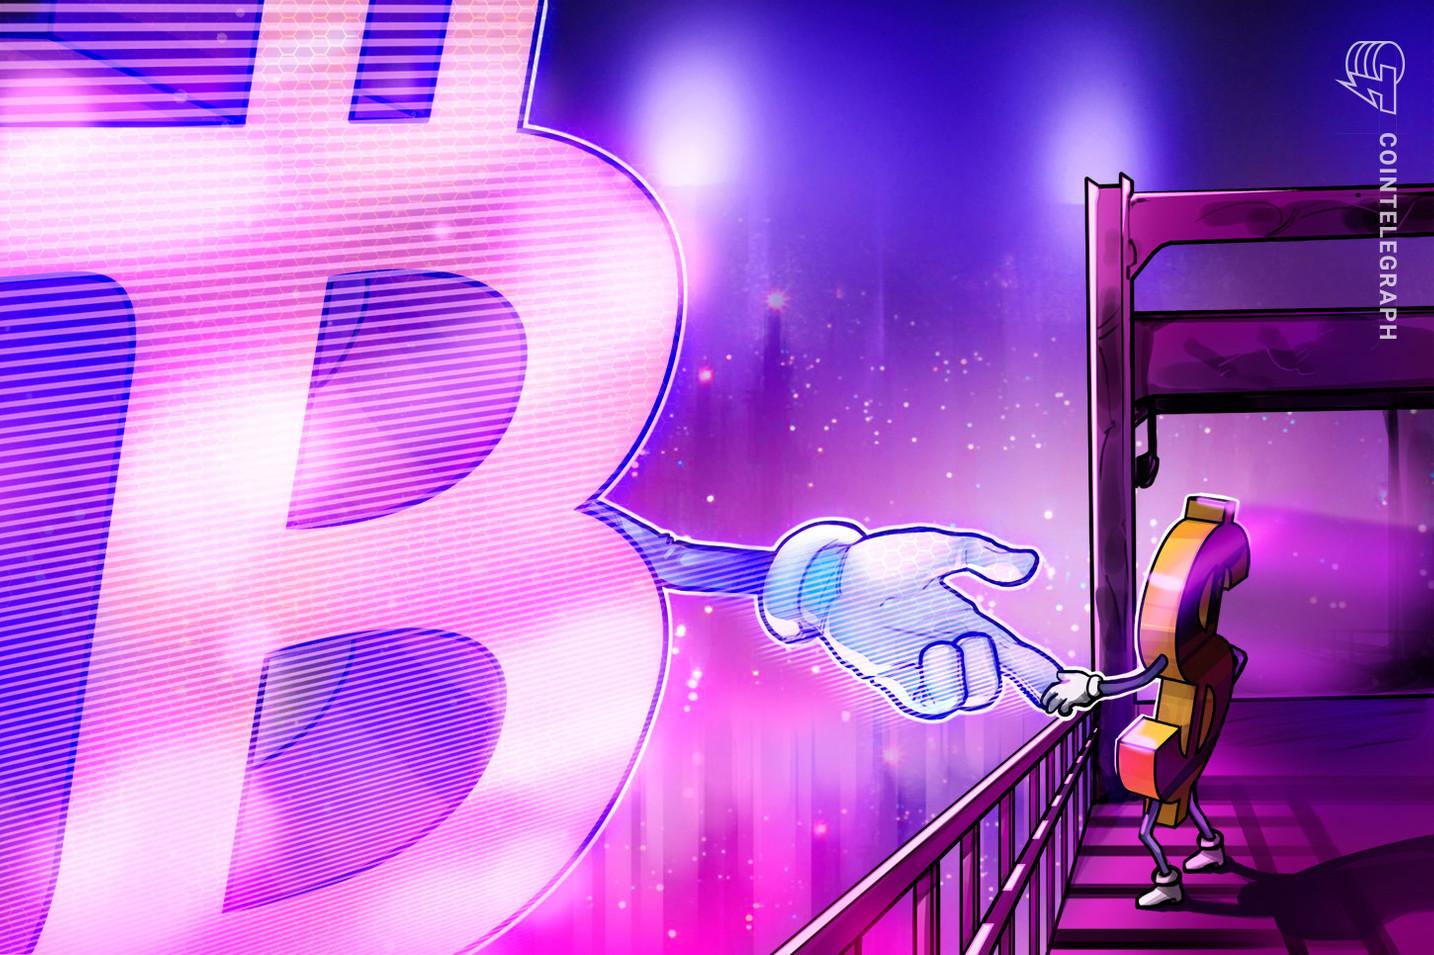 Bitcoin potrebbe diventare come 'le sigarette in prigione' durante la crisi